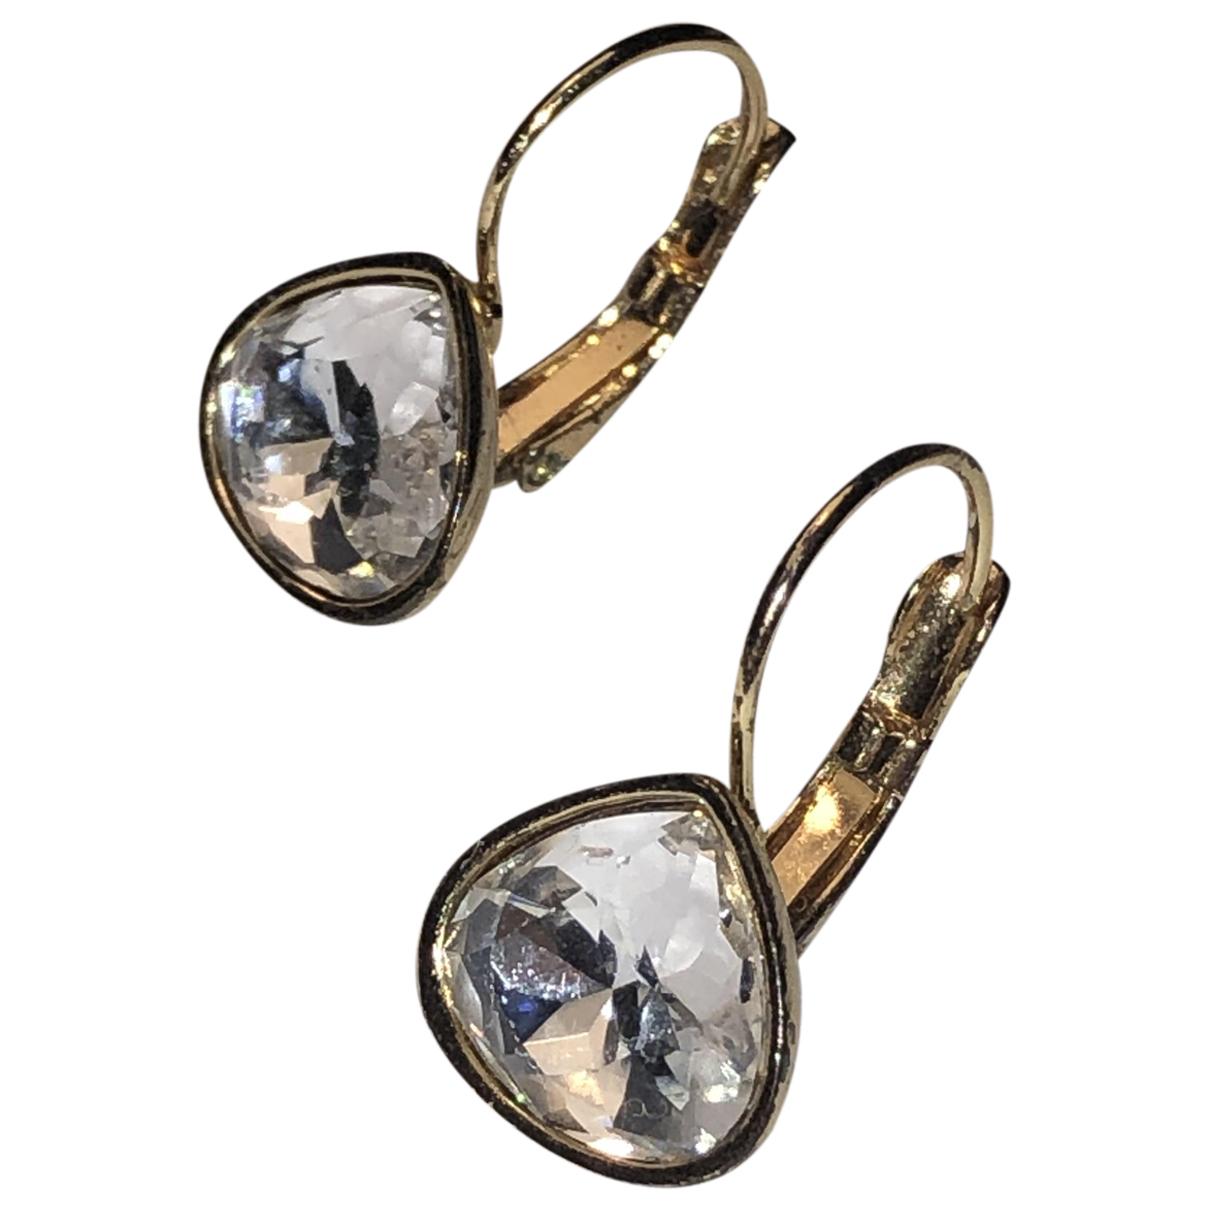 Dyrberg/kern N Gold Silver Earrings for Women N